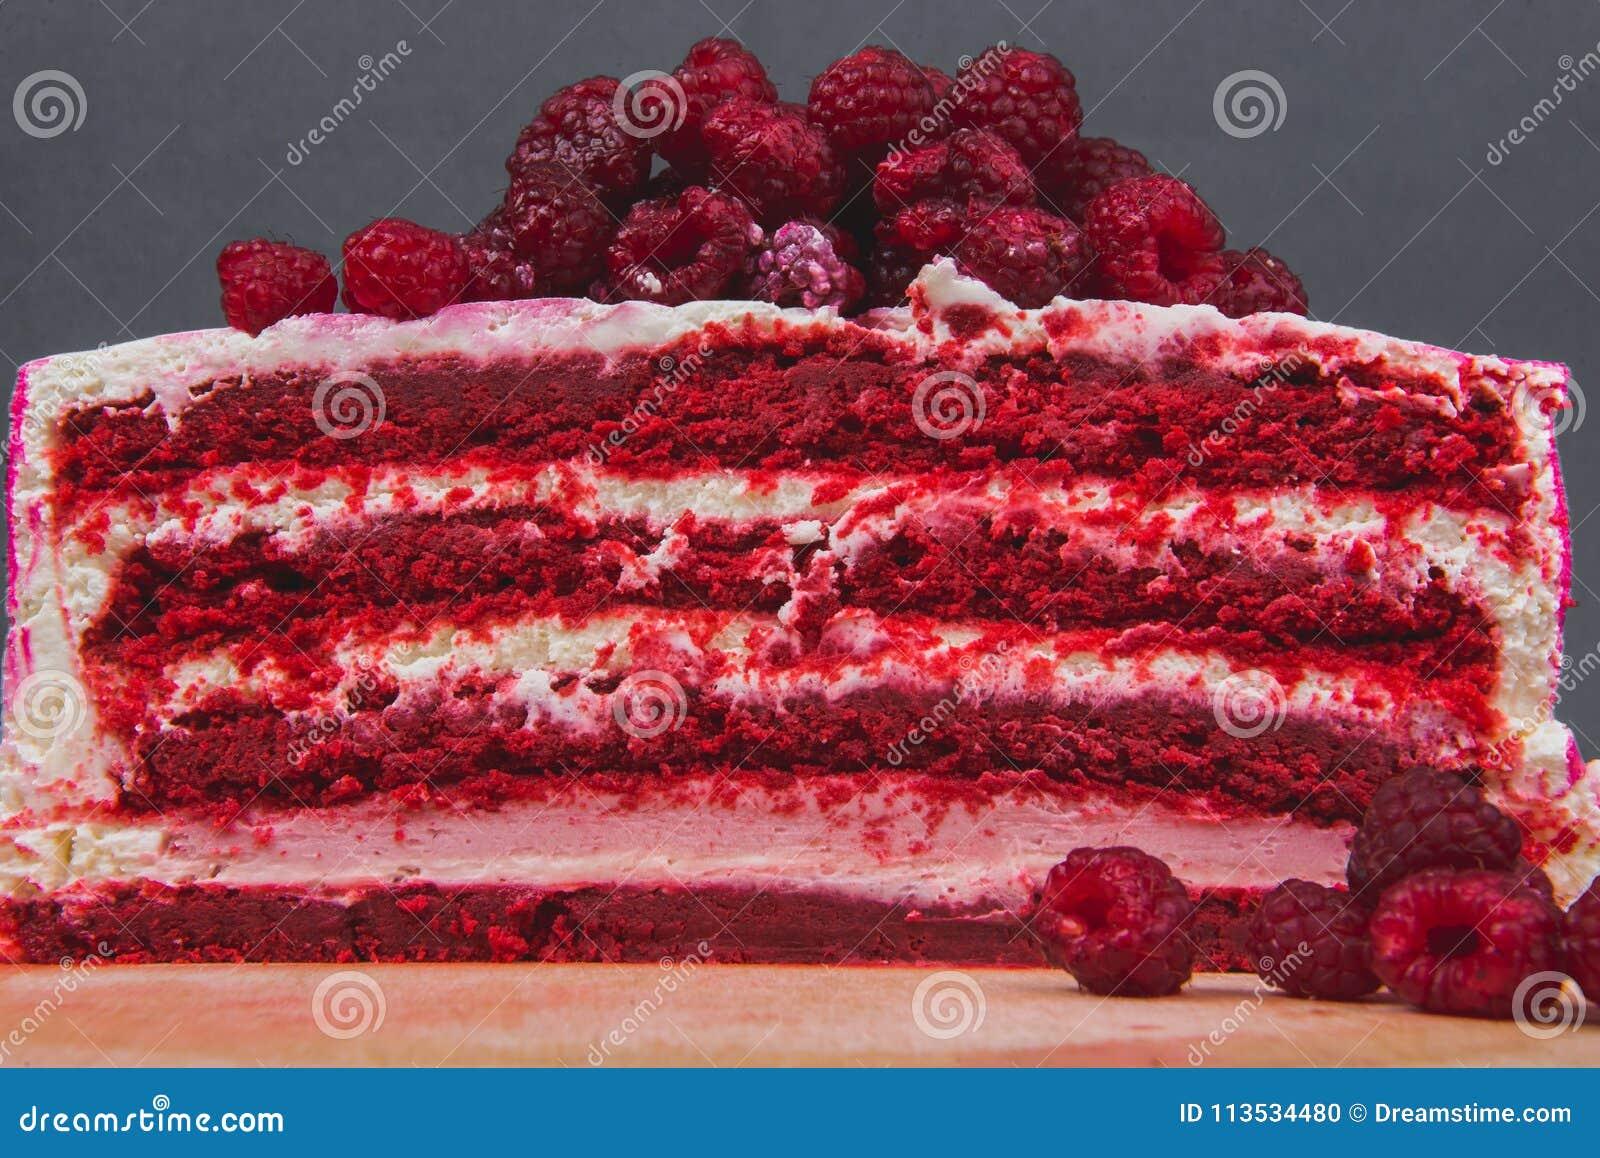 Ein köstlicher Kuchen verziert mit Himbeeren auf einem grauen Hintergrund